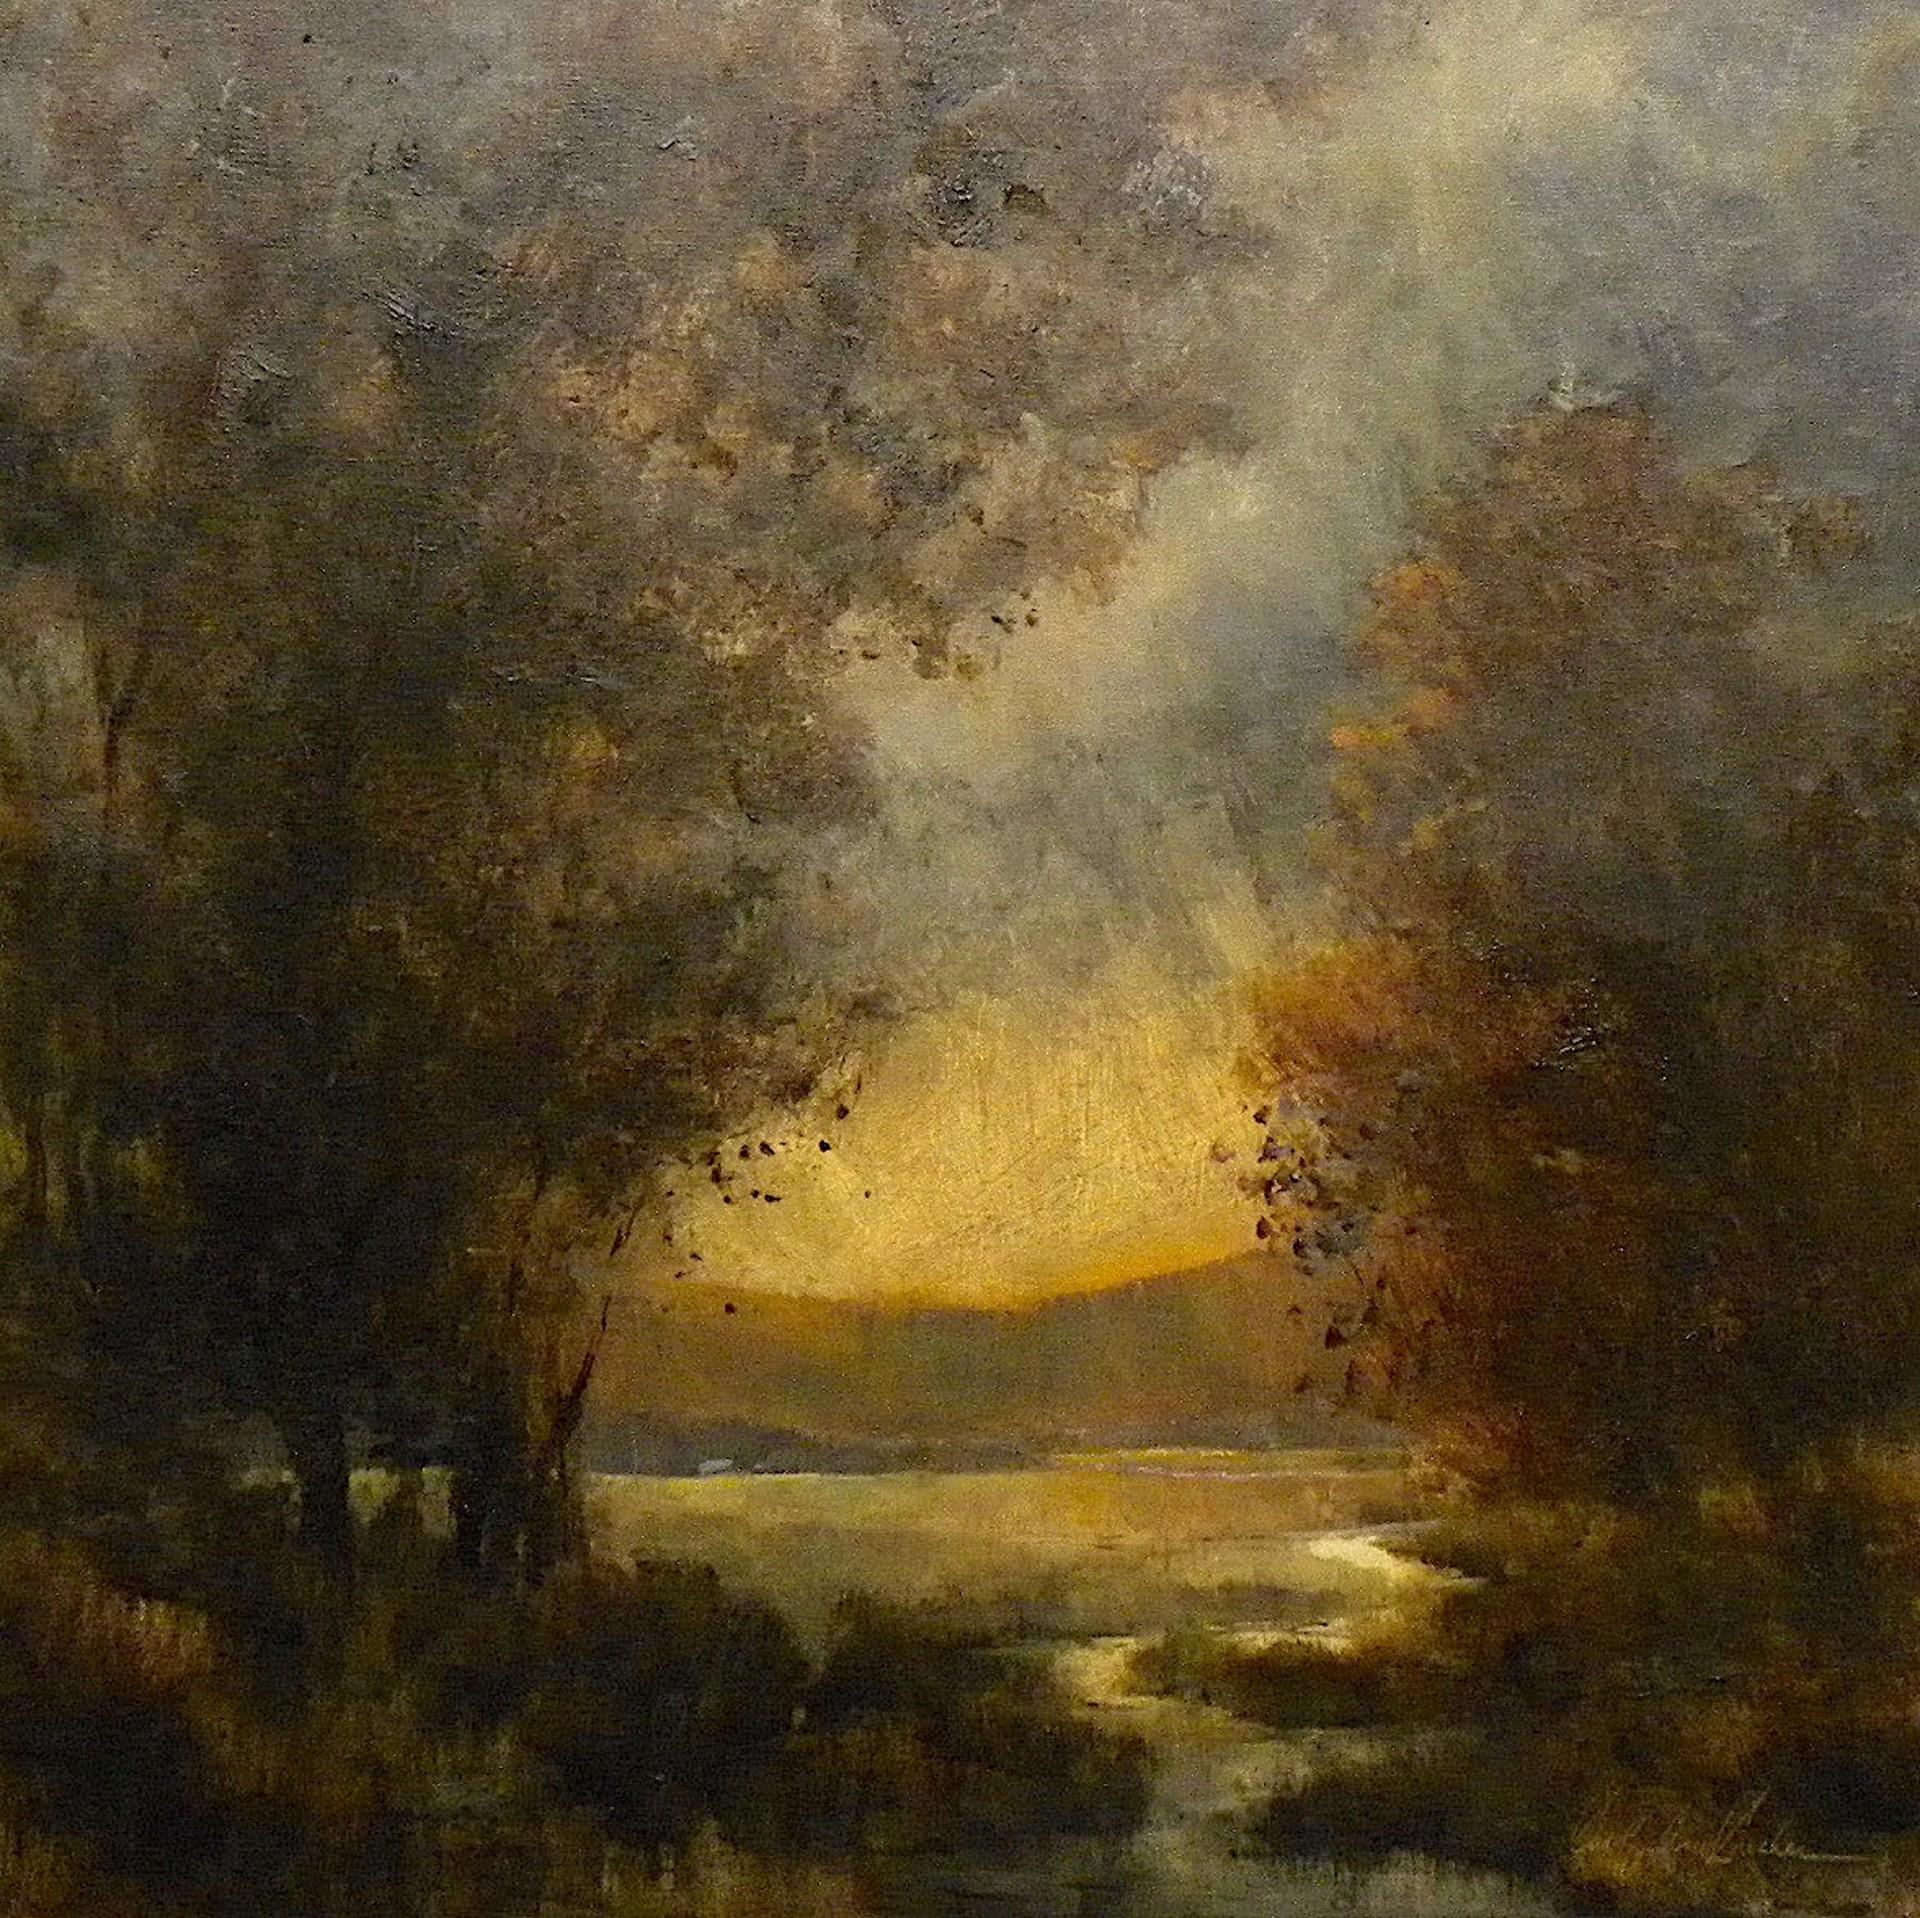 Evening Lace by Carolyn Anne Crocker